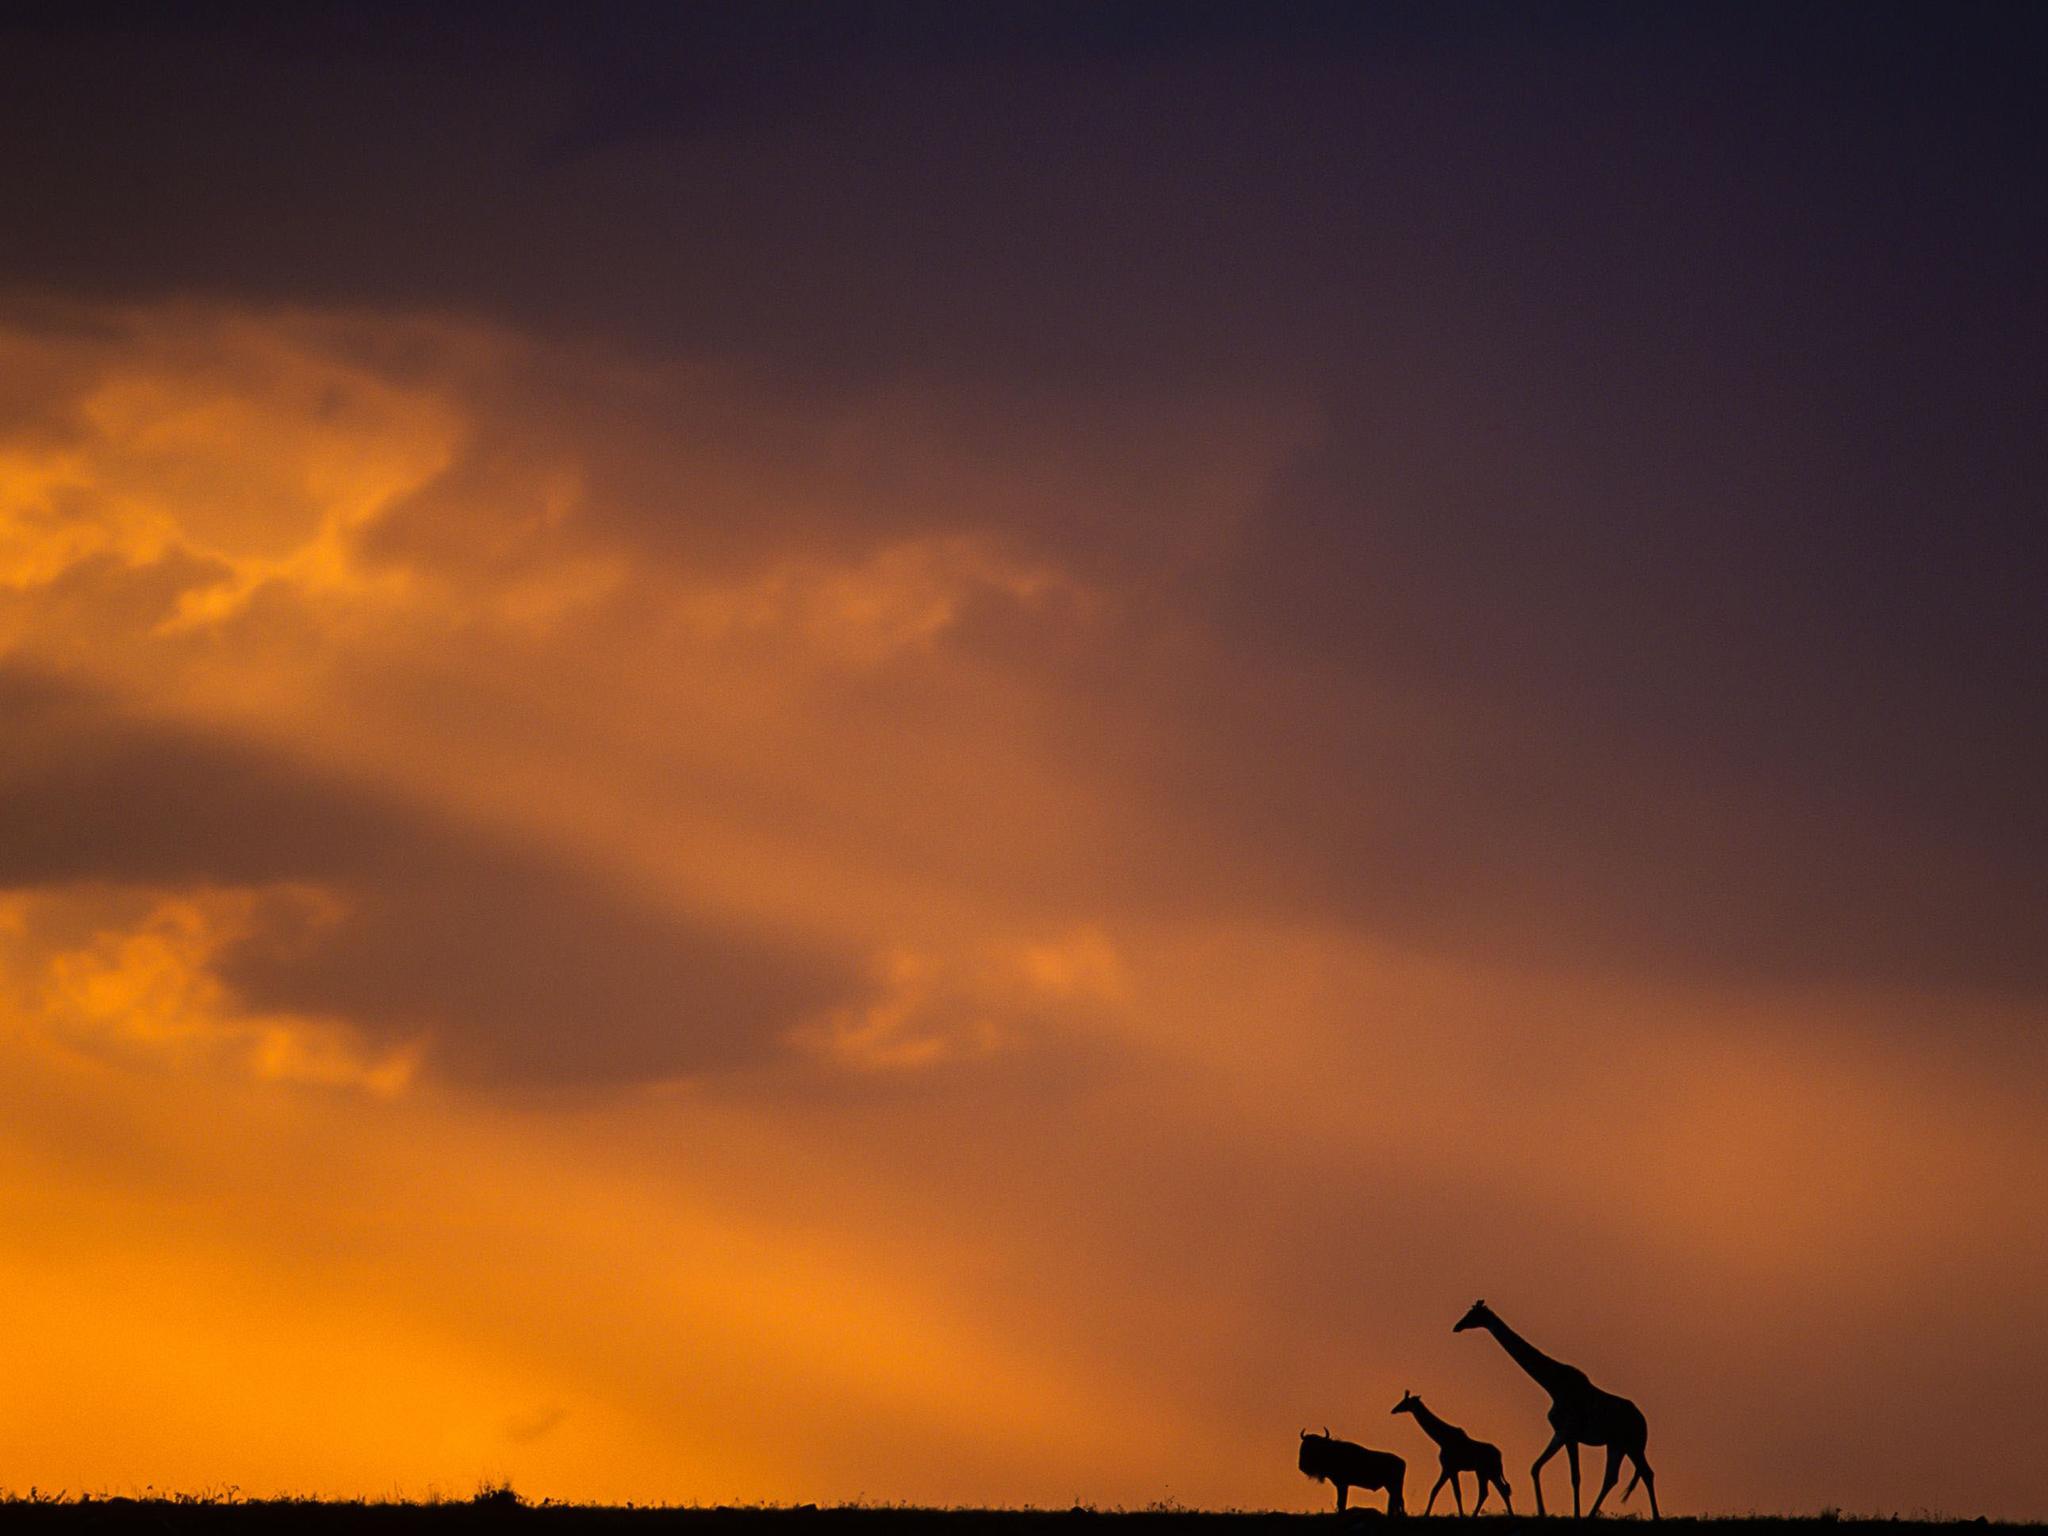 日落��b%�/i�k�y�_肯尼亚马塞马拉,日落时分漫步草原的长颈鹿与牛羚.